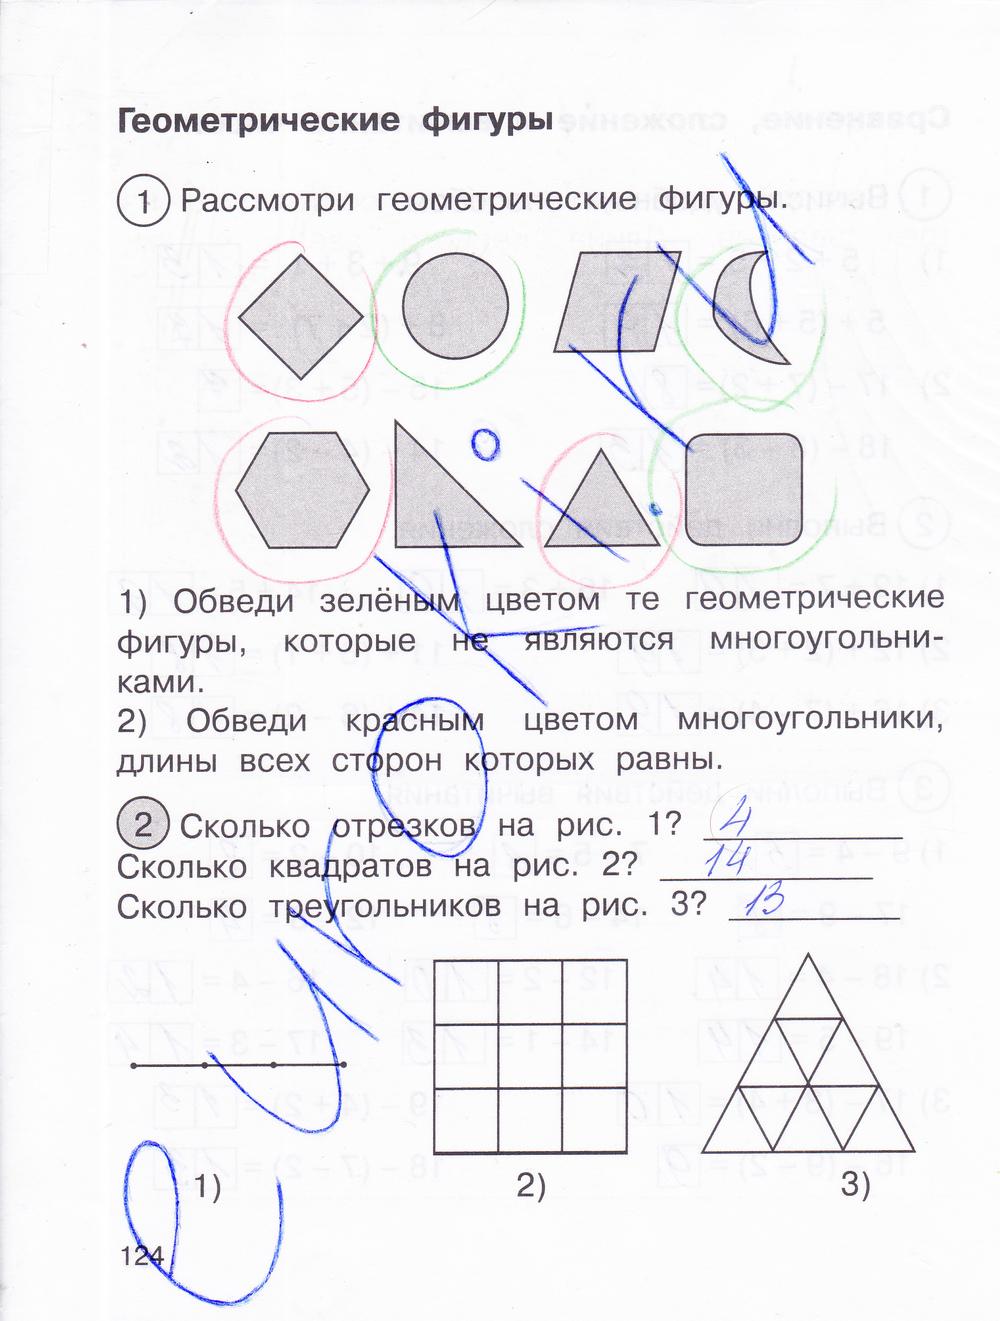 ГДЗ по математике 1 класс рабочая тетрадь Захарова, Юдина Часть 1, 2. Задание: стр. 124